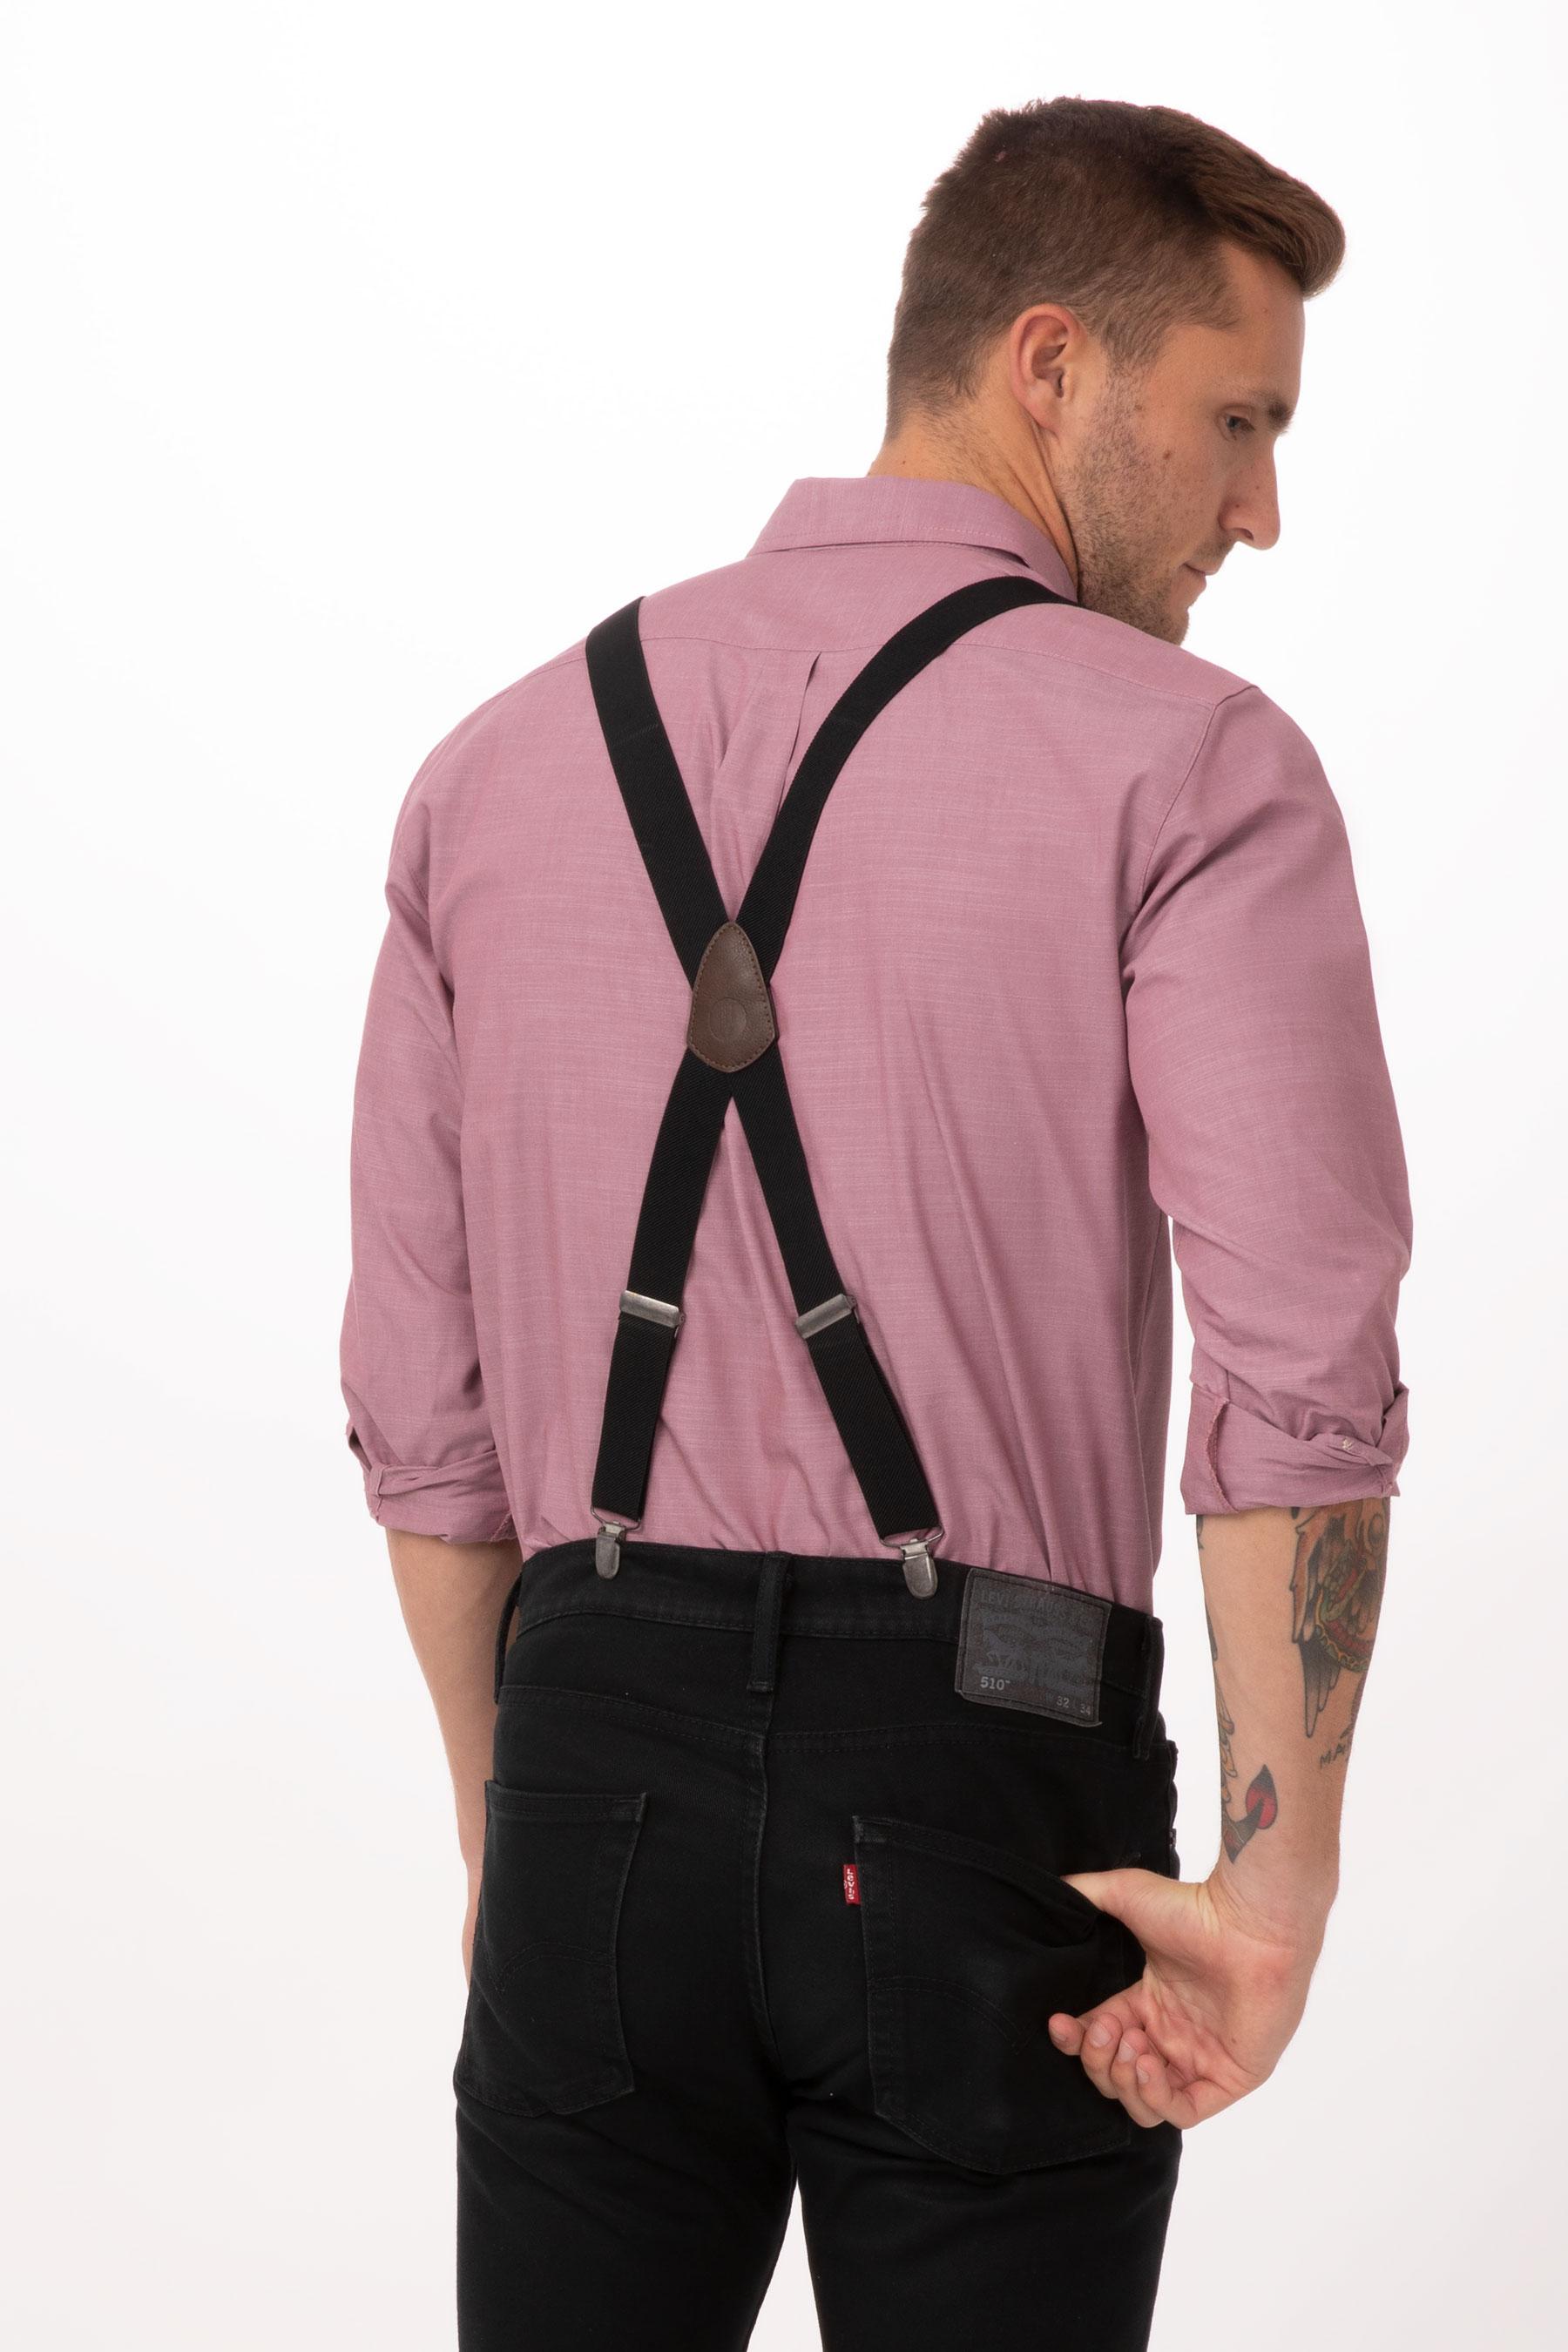 Pant Suspenders